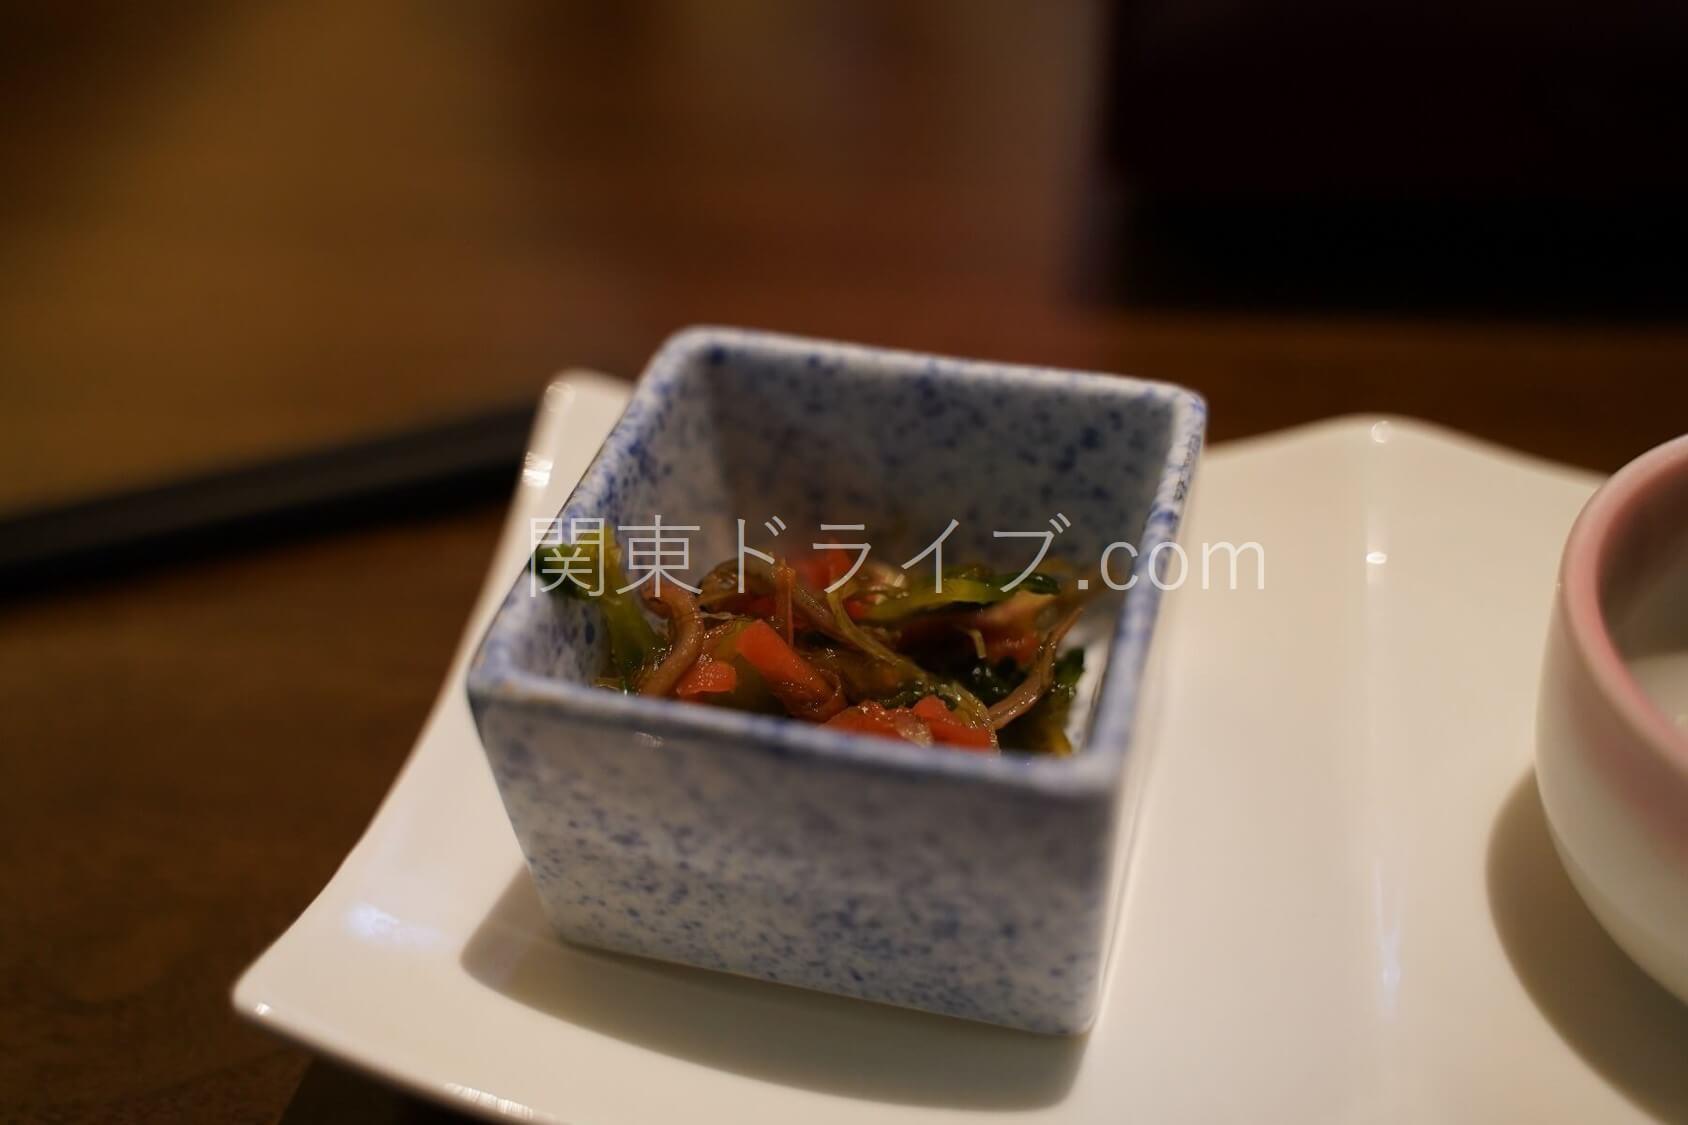 あぐーしゃぶしゃぶ・沖縄料理「かふぅ」の料理1